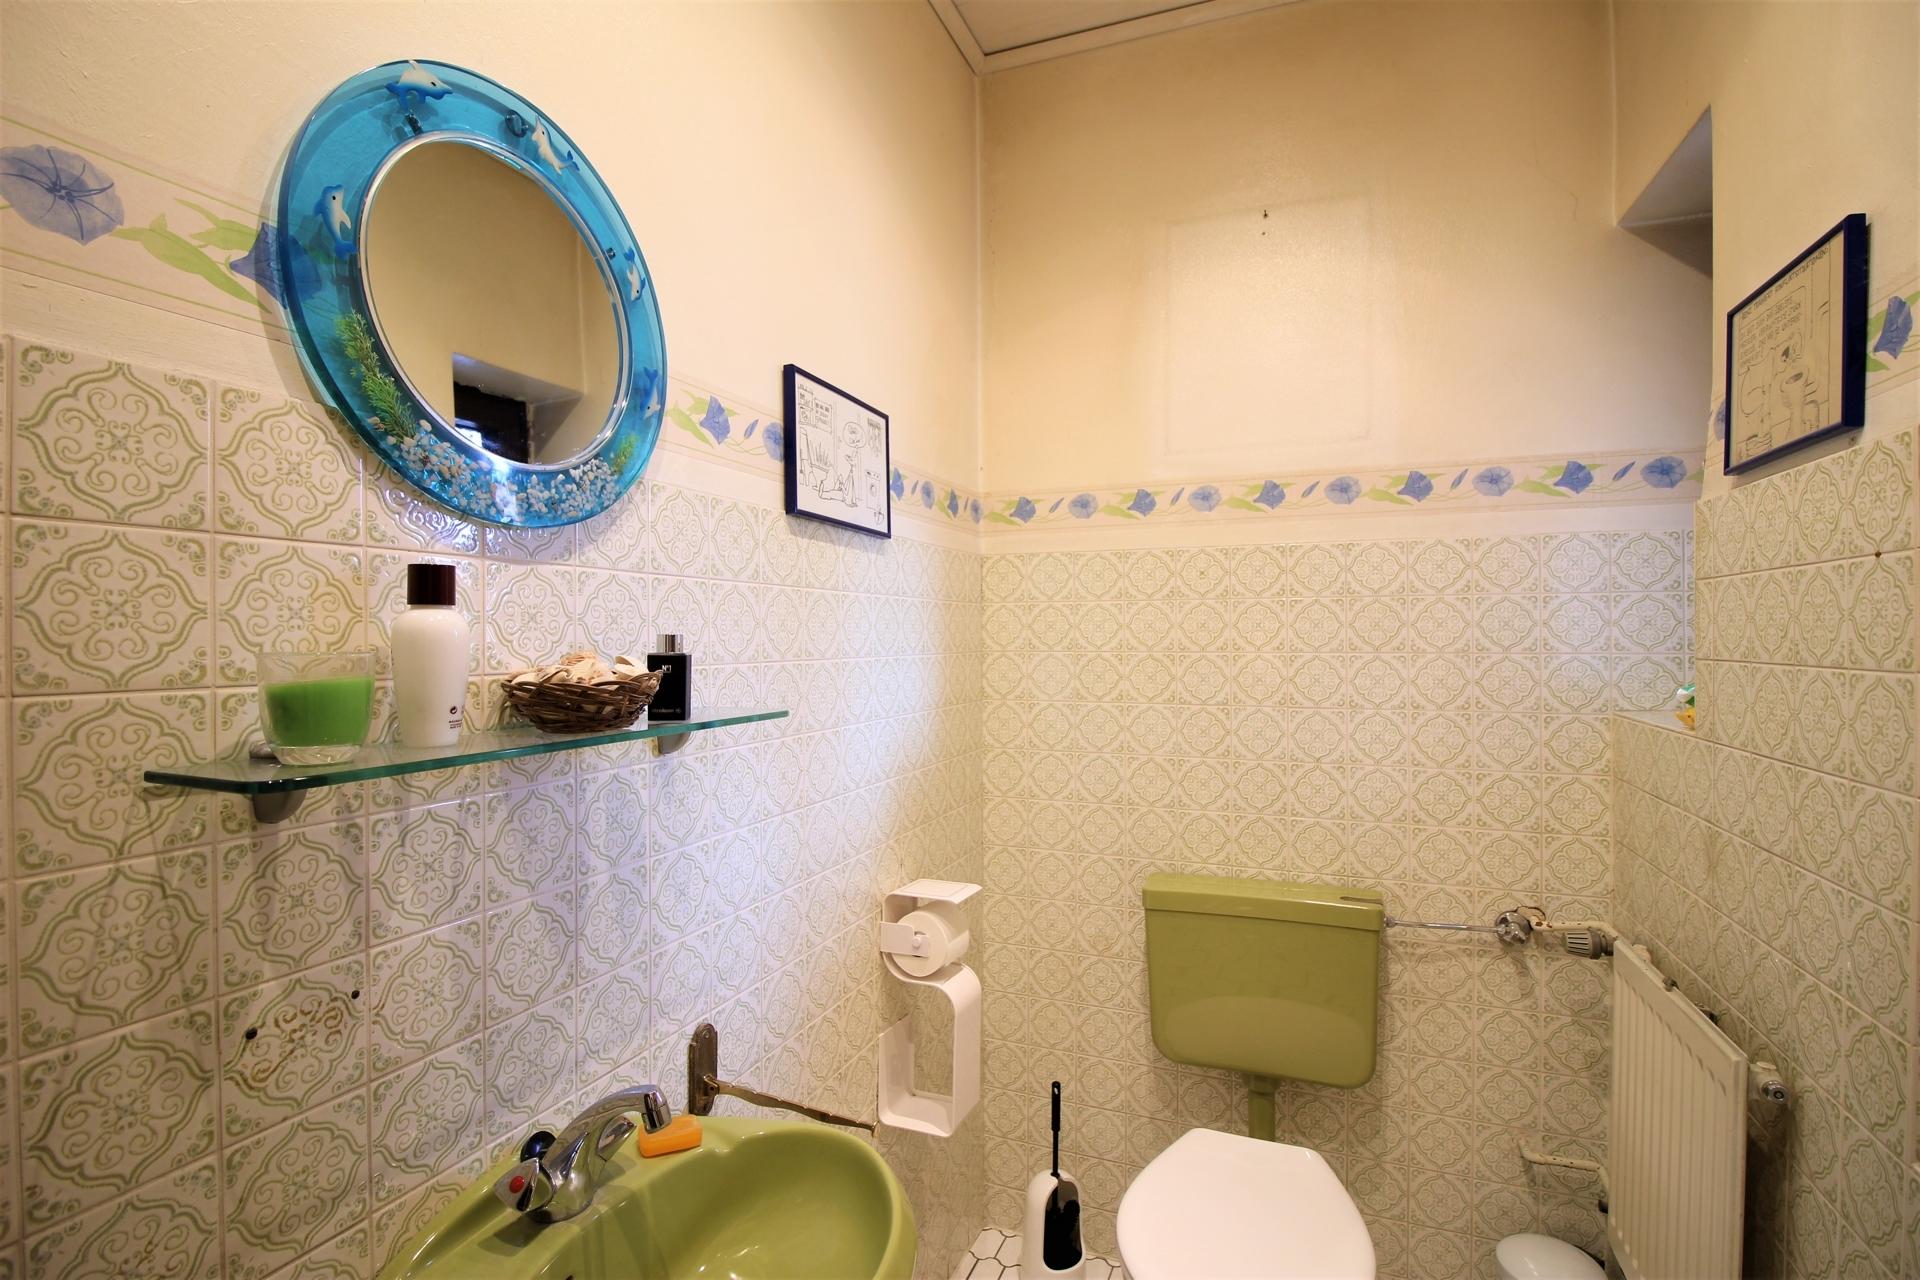 WC 2,54 m x 1,28 m